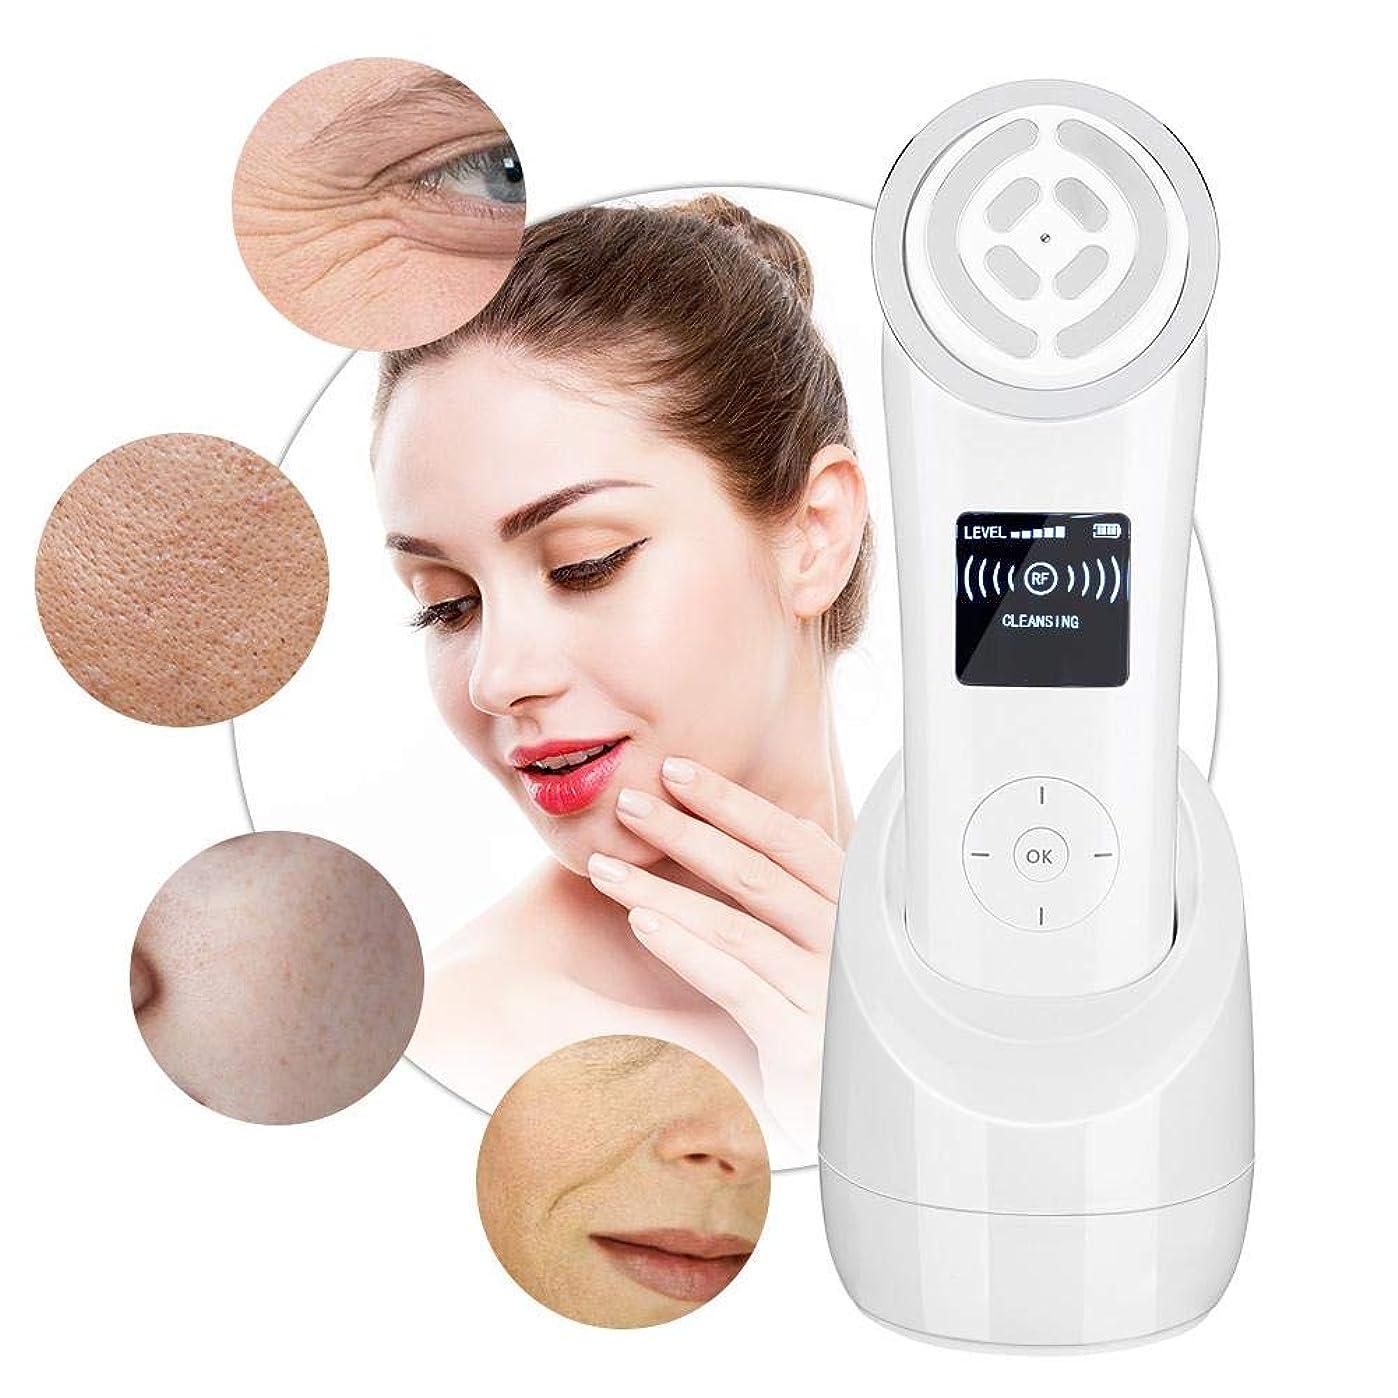 増加する酸度倍増顔の美しさのマシン - RF周波数アンチエイジングアンチリンクル、肌の若返り楽器 - ポータブル若返り肌がEMS筋肉刺激を強化(UE)